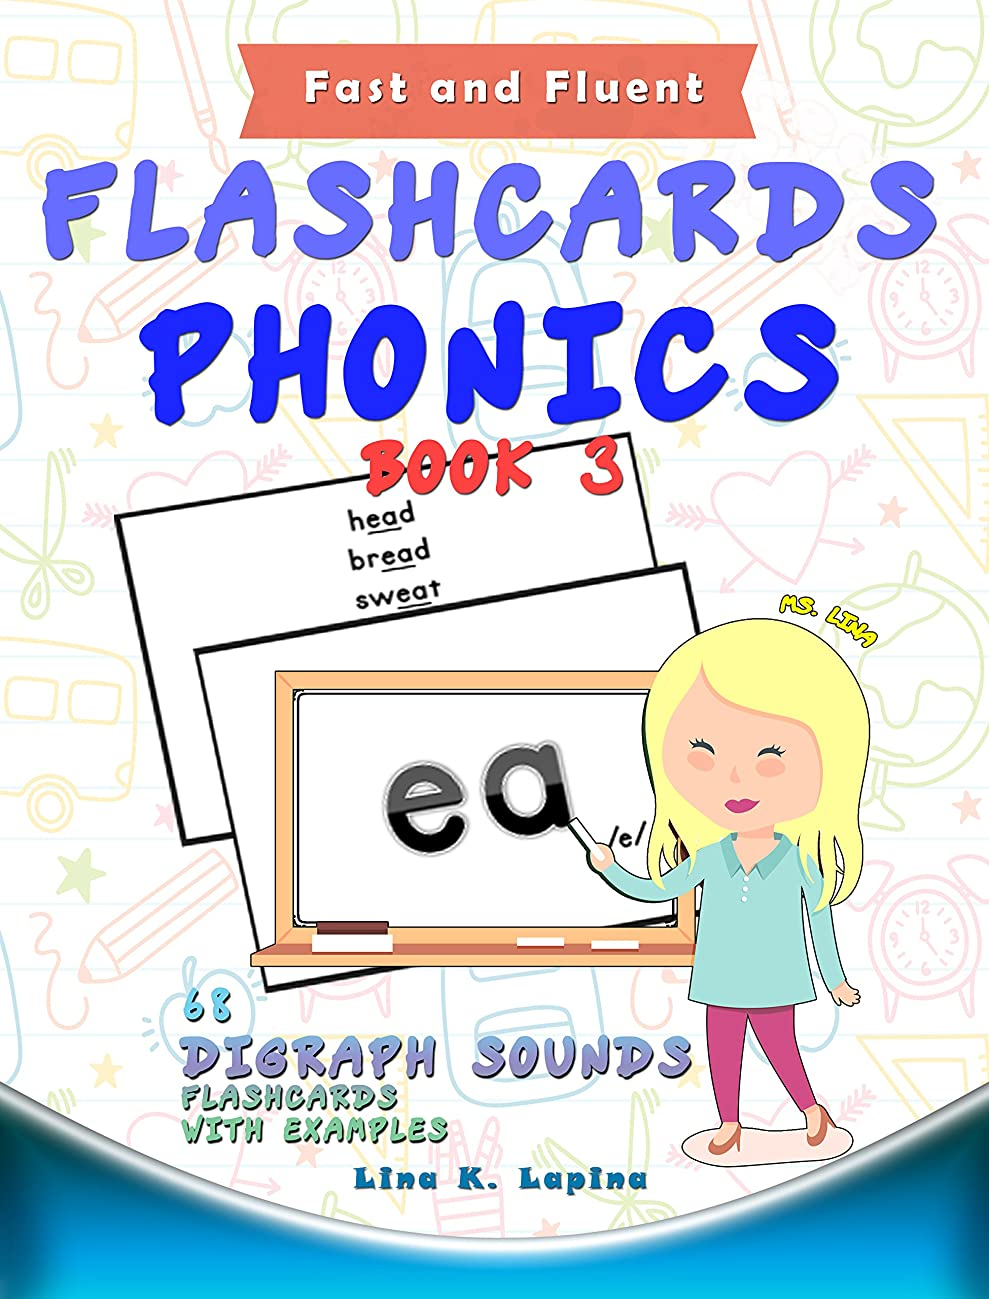 良さ水星硬化するPhonics Flashcards (Digraph Sounds) Part2: 68 flash cards with examples (Fast and Fluent: Flashcards Book 3) (English Edition)